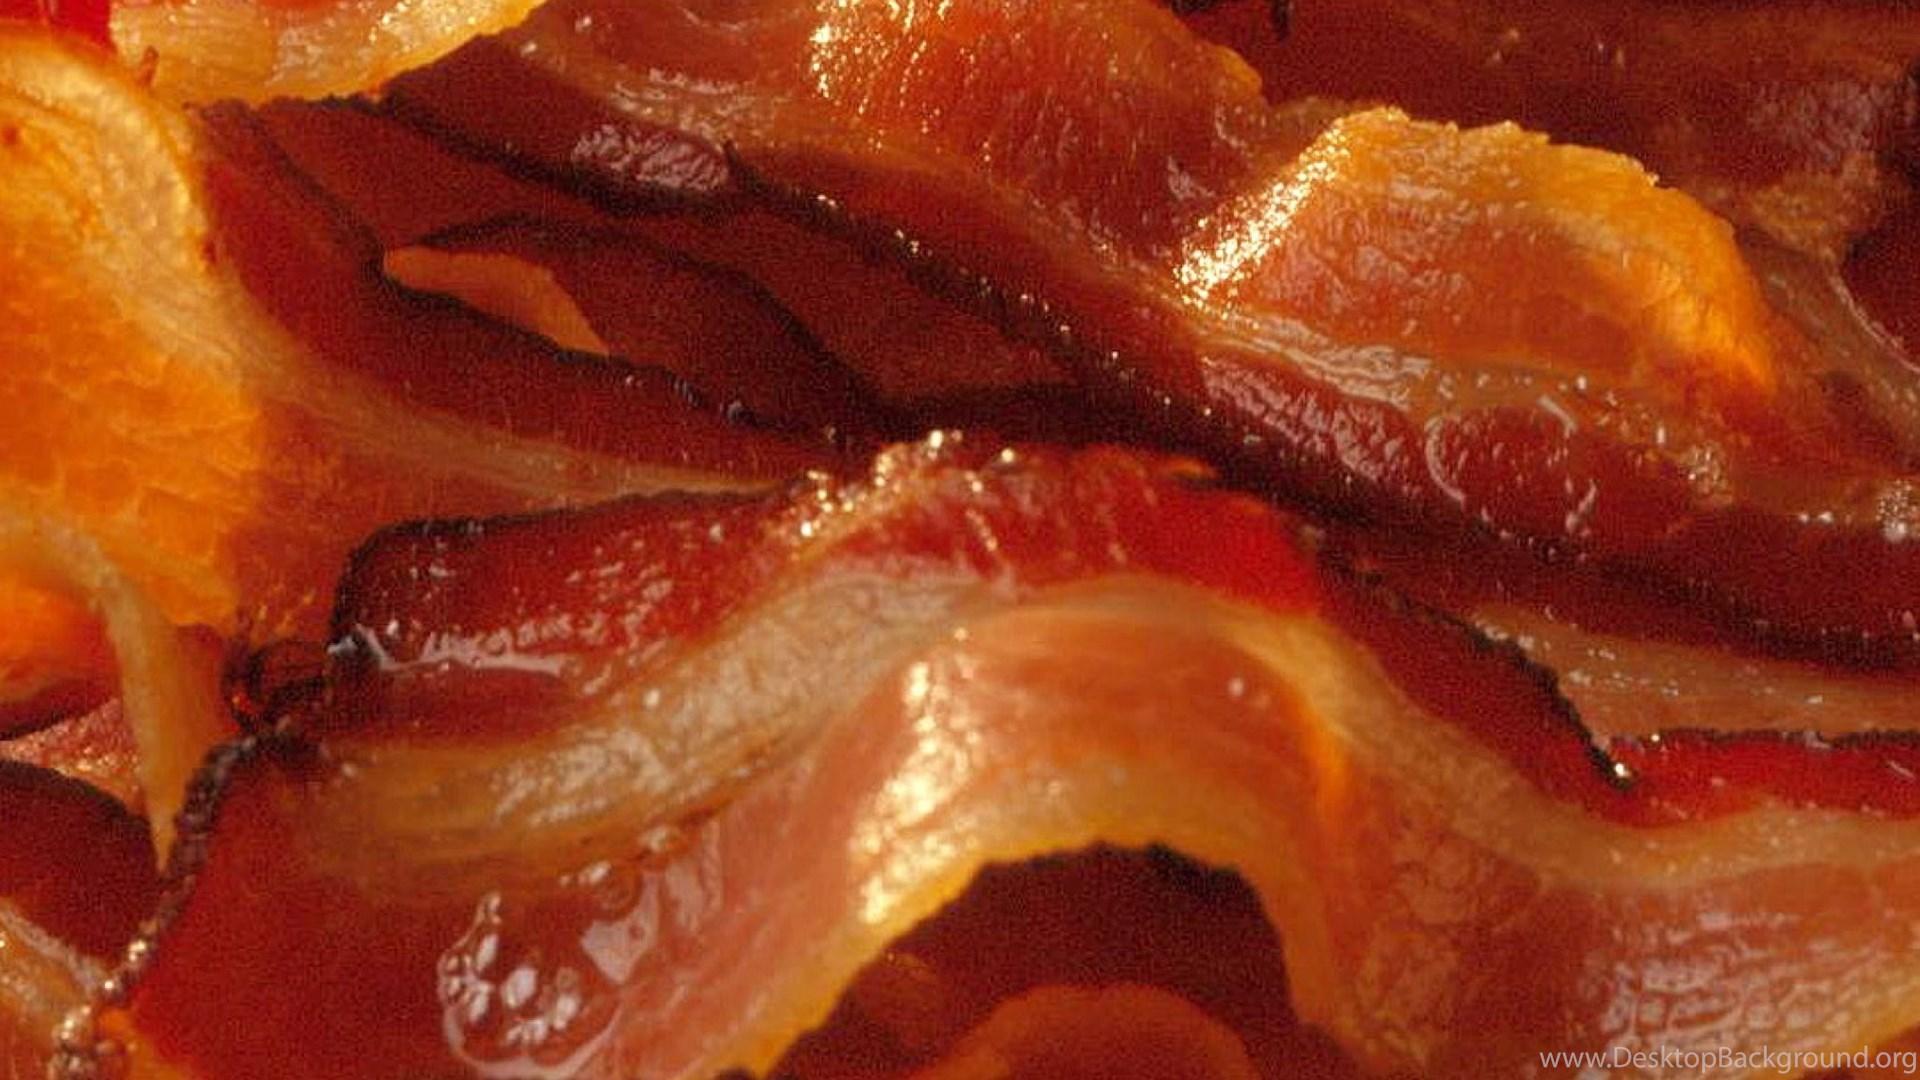 Bacon IPad 1 2 Wallpapers Desktop Background